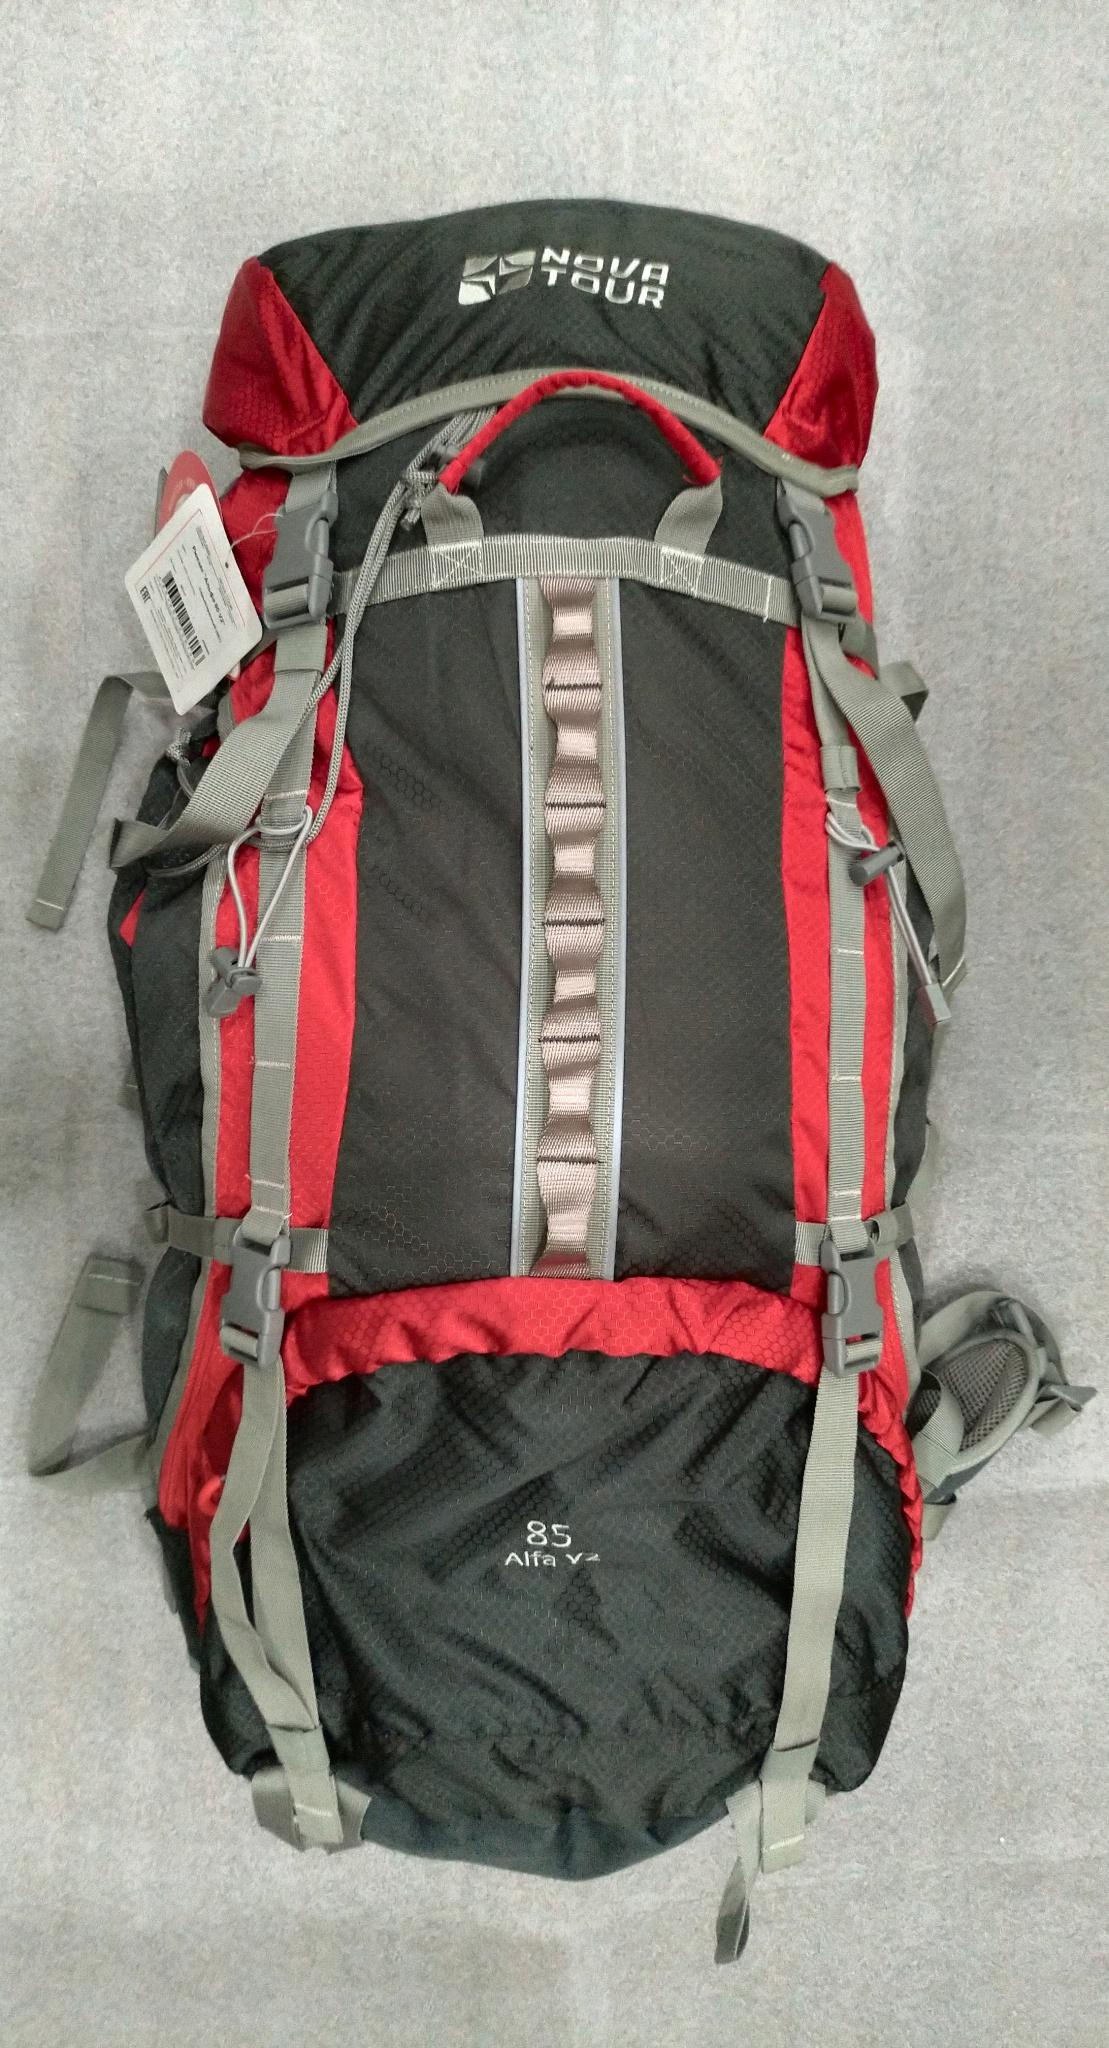 38acd80992b9 Обзор от покупателя на Рюкзак NOVA TOUR Альфа 85 V2, серый/красный ...